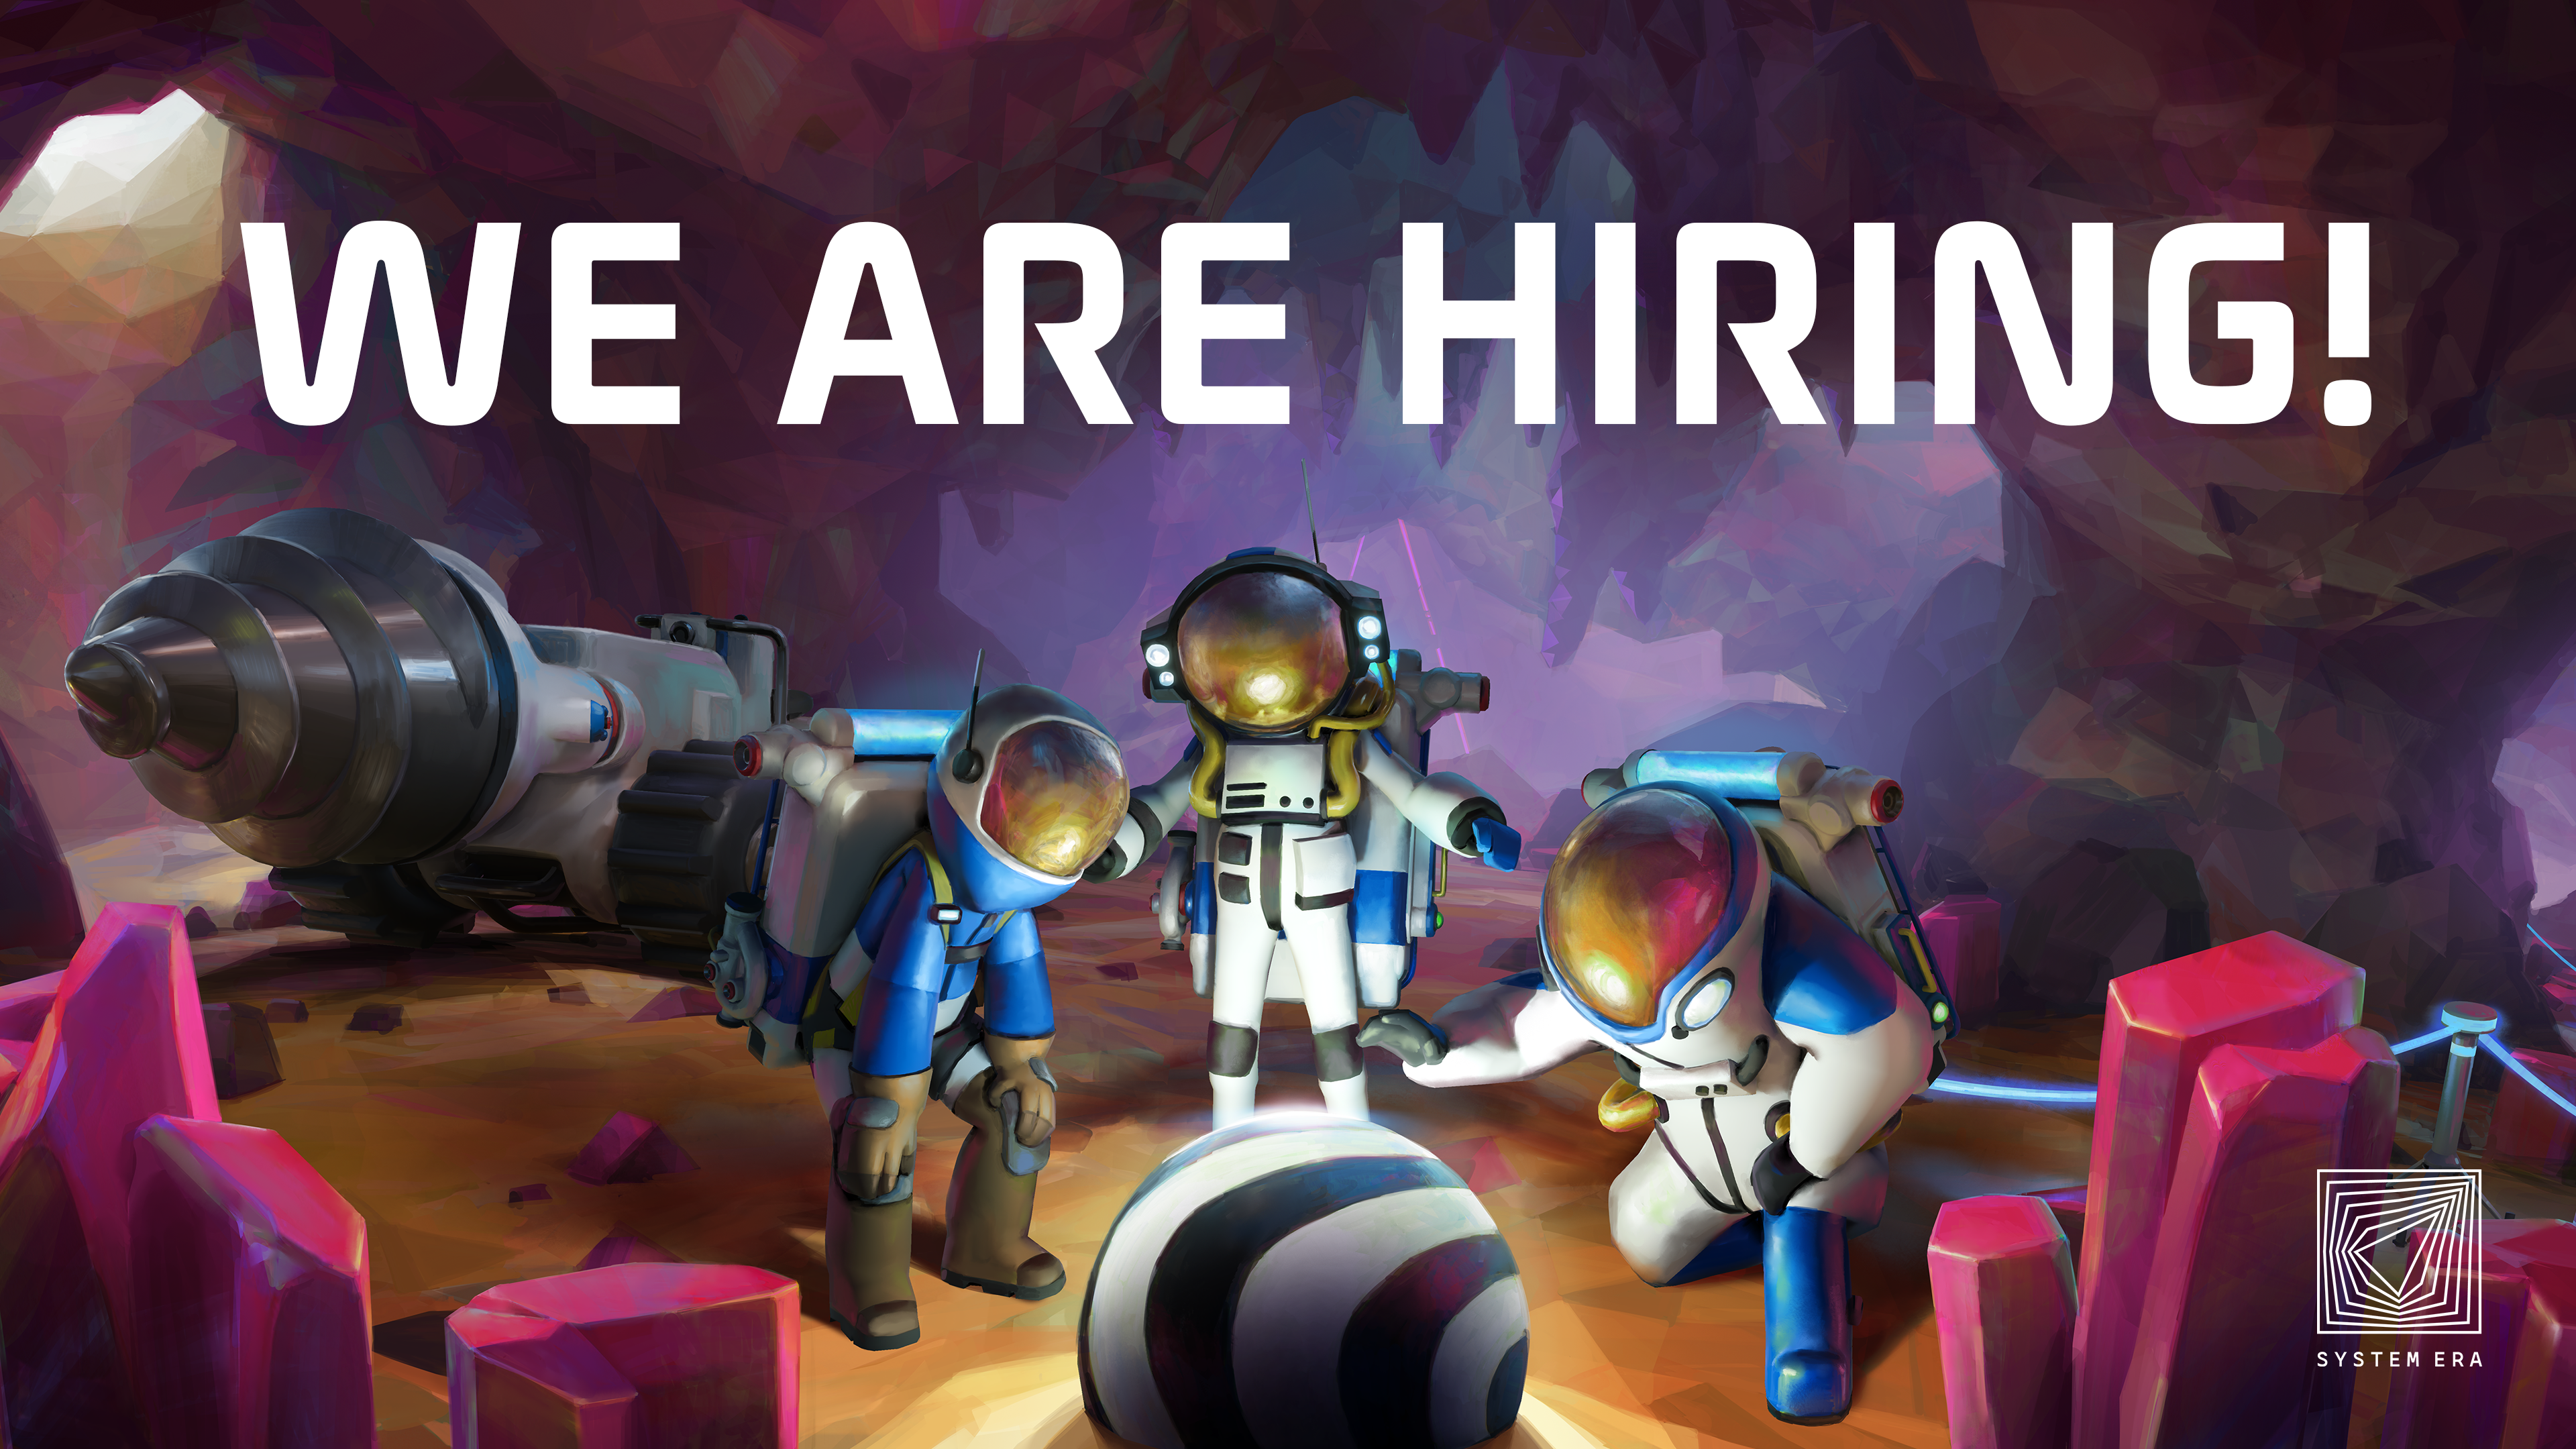 hiring_img